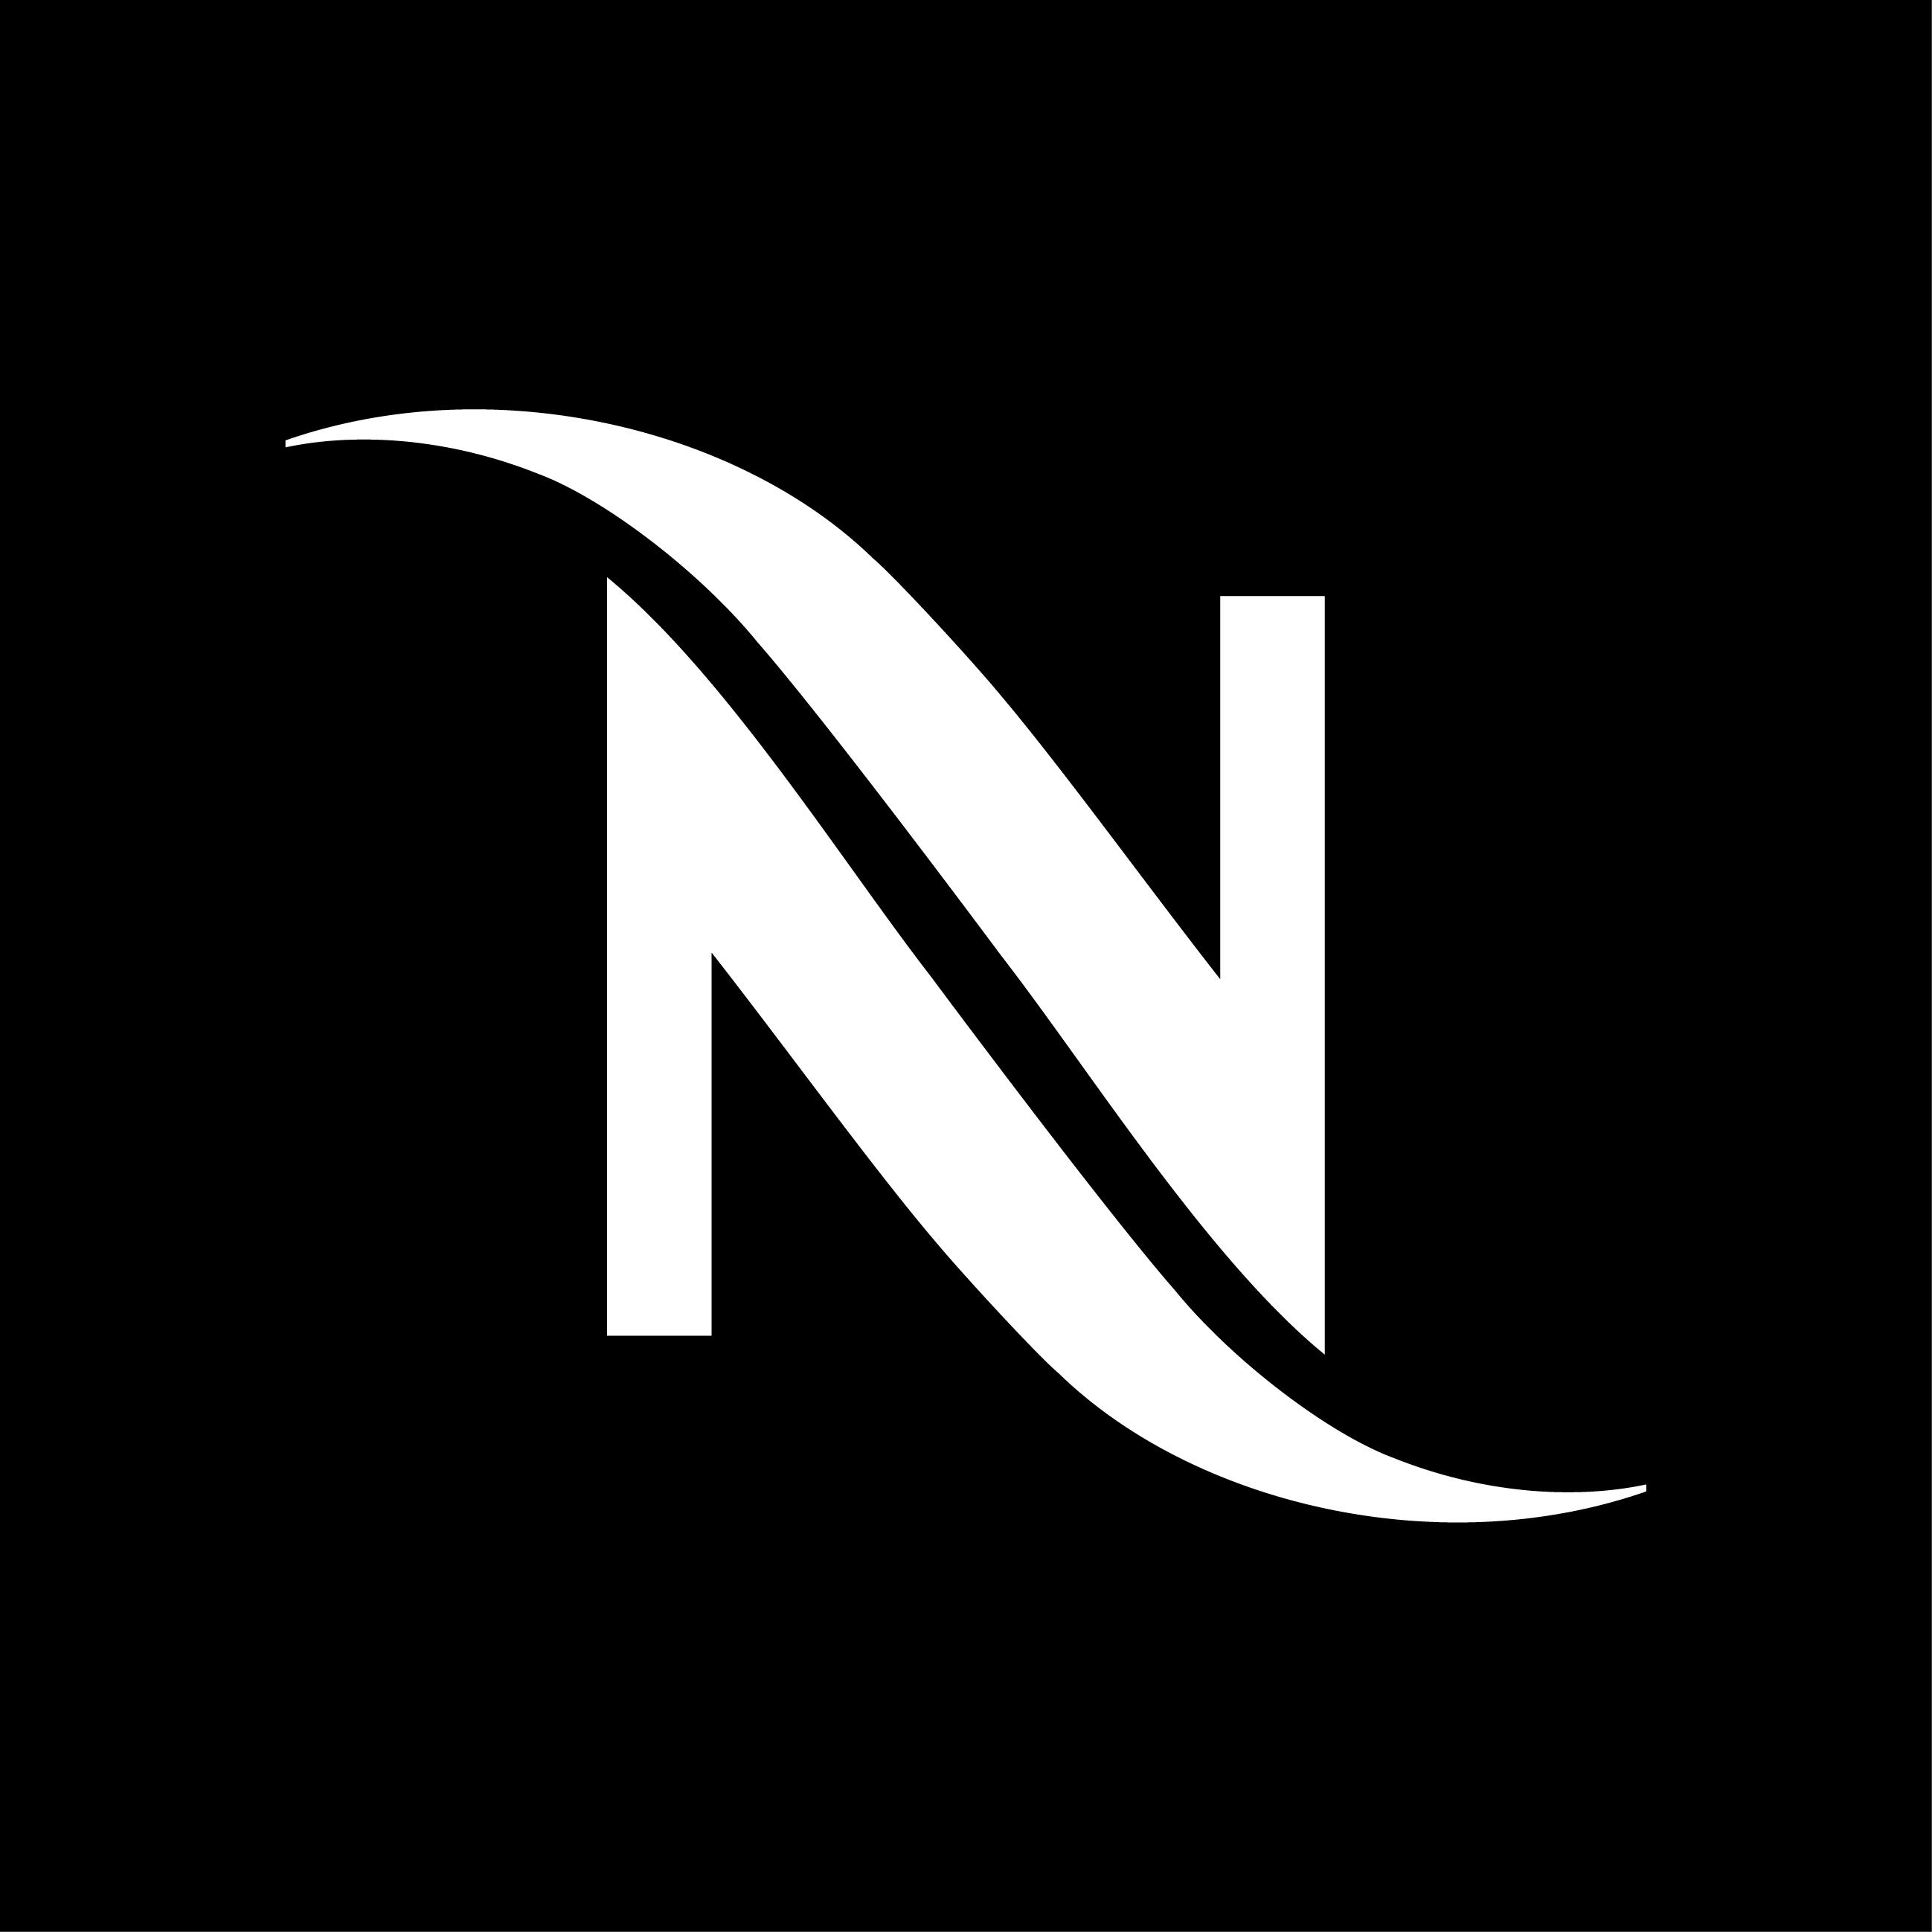 N logos